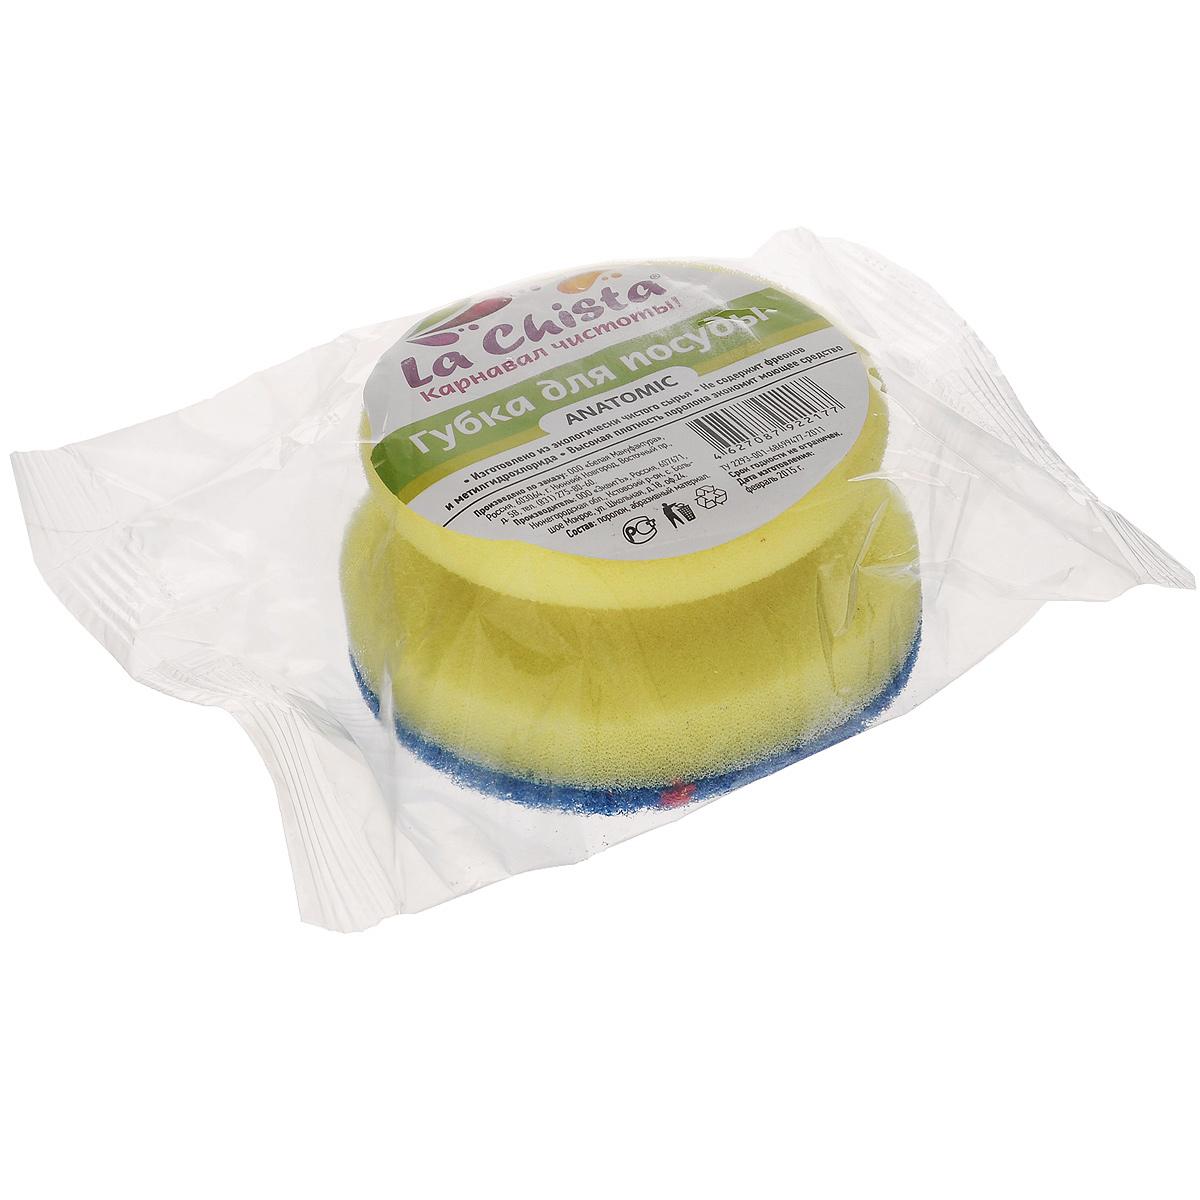 Губка для посуды La Chista Анатомик, с держателем, цвет: желтый, 9,5 см х 9,5 см х 4,5 см870323Круглая губка La Chista Анатомик, изготовленная из мягкого поролона с абразивными материалами, предназначена для уборки и мытья посуды. Они идеально удаляют жир, грязь и пригоревшую пищу. Форма губки позволяет удобно ее удерживать. Особенности: Изготовлены из экологически чистого сырья. Не содержит фреонов и метилгидрохлорида. Высокая плотность поролона экономит моющее средство.